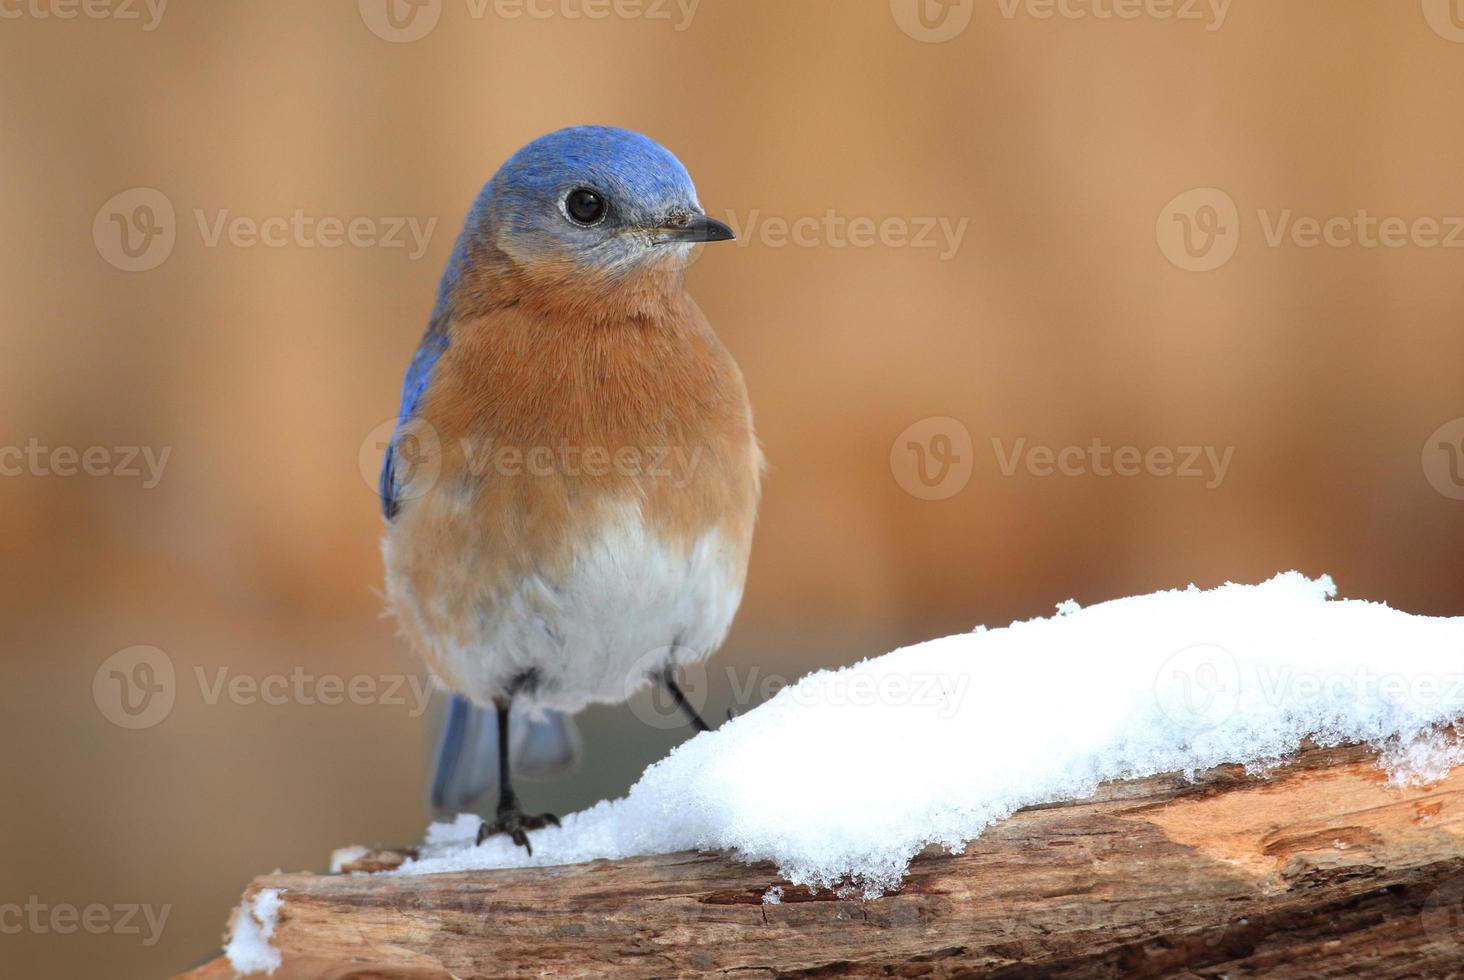 Male Eastern Bluebird in Snow photo